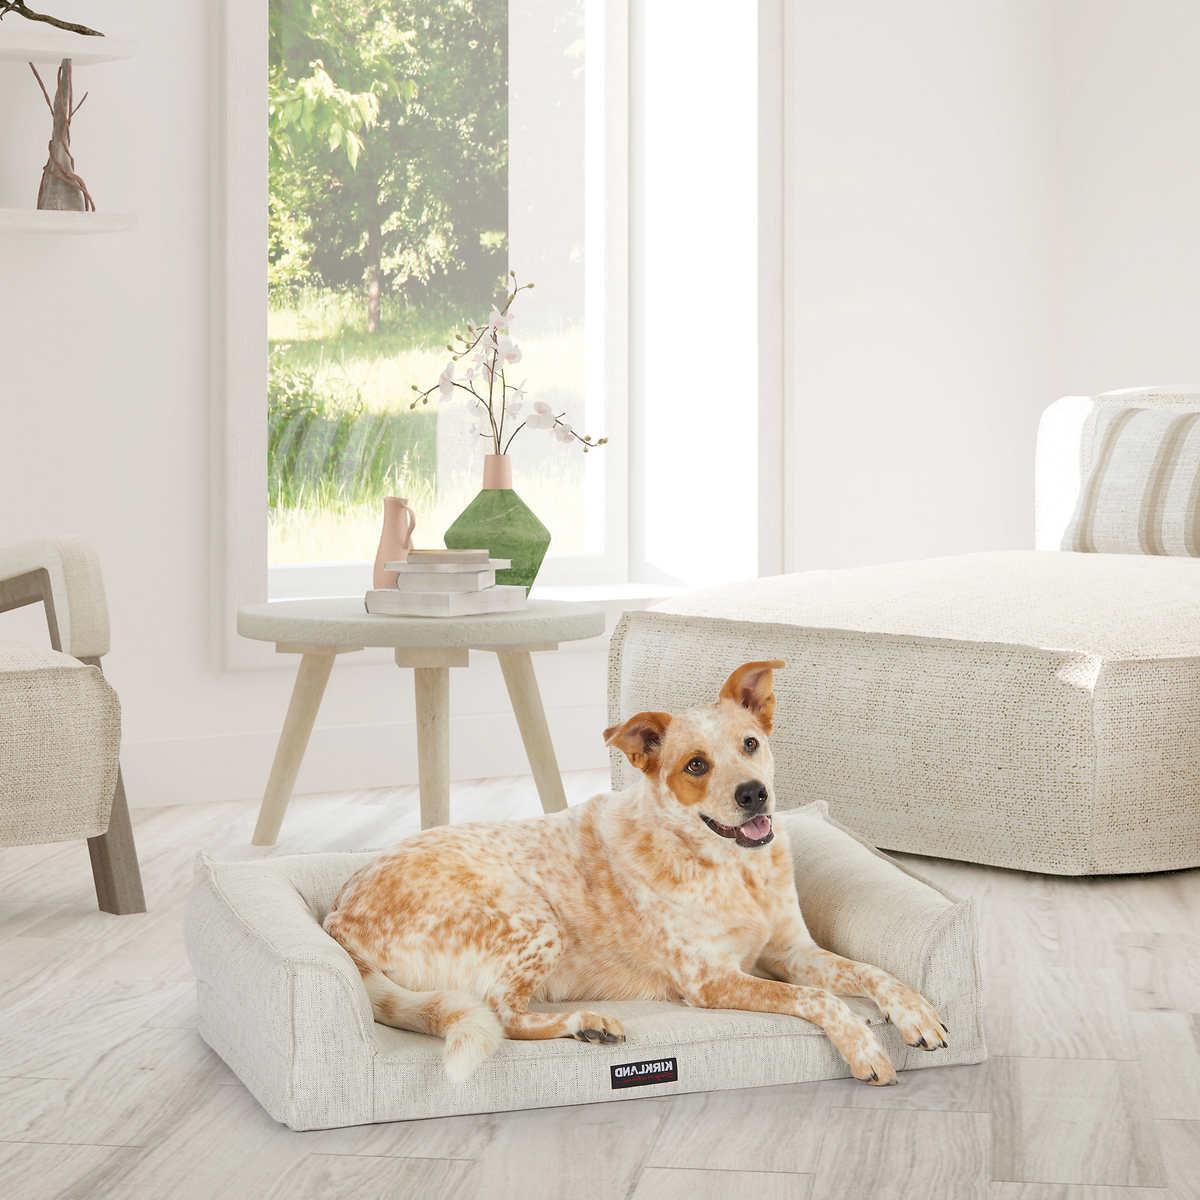 kirkland signature 24 x36 dog sofa bed